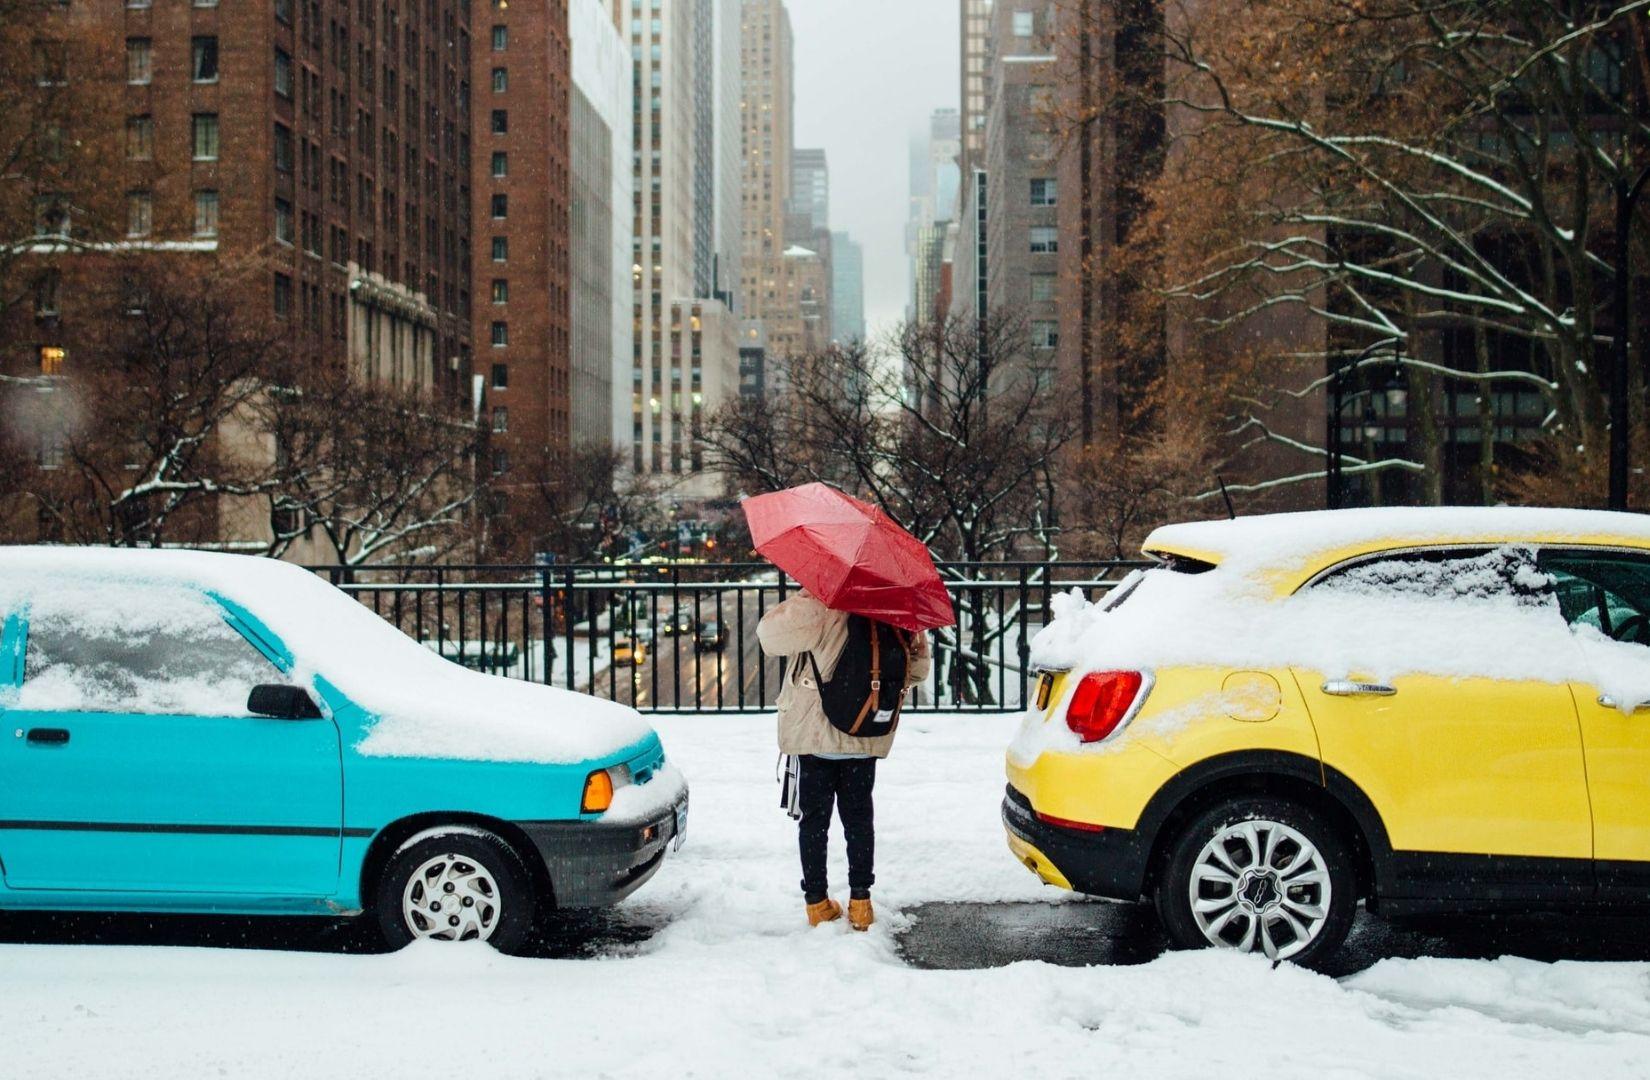 Gipfel sind kalt, Städte auch. Eine Frau mit Schirm im Winter auf einer Straße in New York. (Foto: Austin Scherbarth, Unsplash.com)